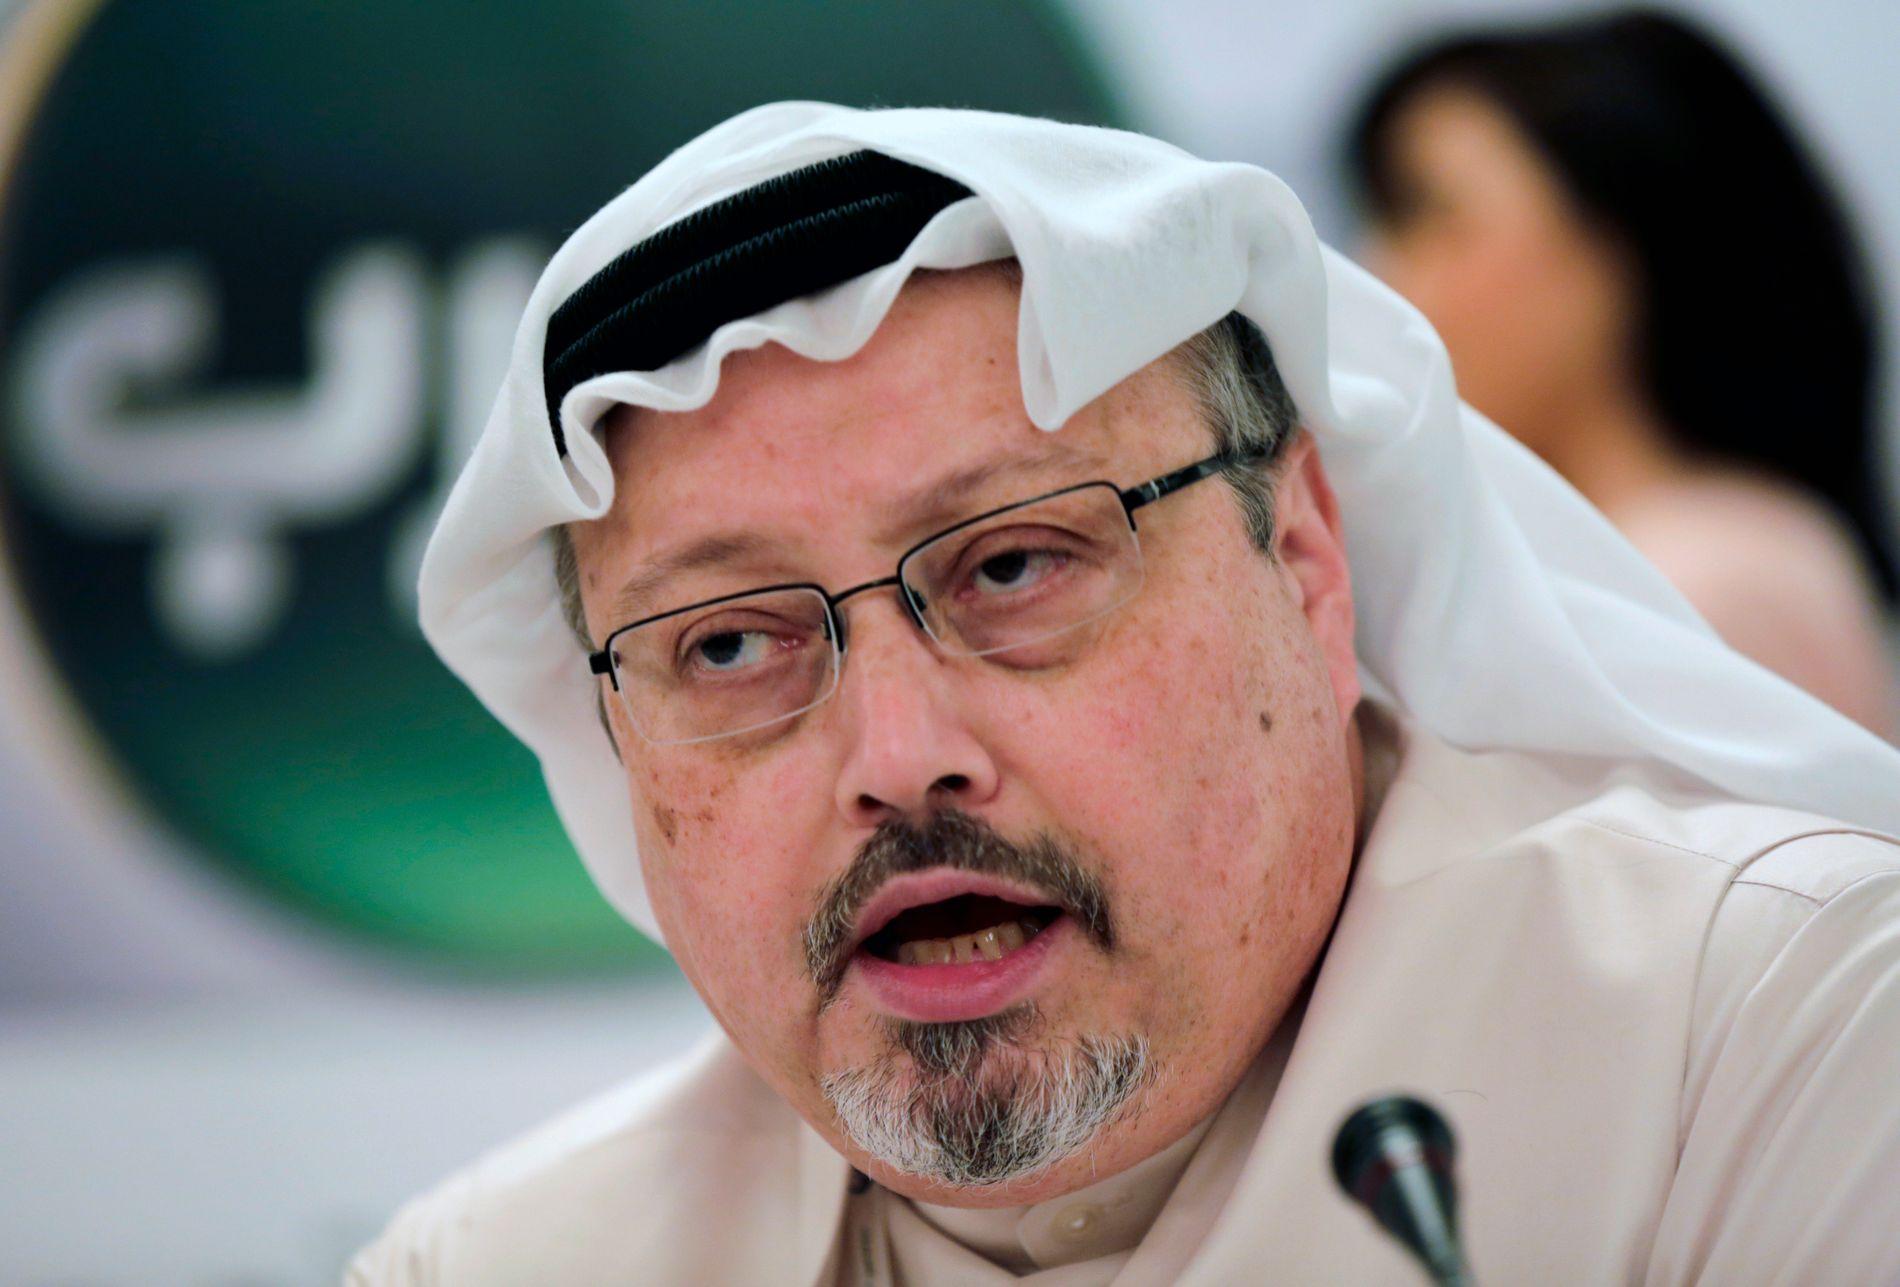 DREPT: Journalisten Jamal Khashoggi fra Saudi-Arabia har vært savnet siden starten av oktober. Natt til lørdag norsk tid erkjente saudiske myndigheter at han er blitt drept inne i deres konsulat i Istanbul.